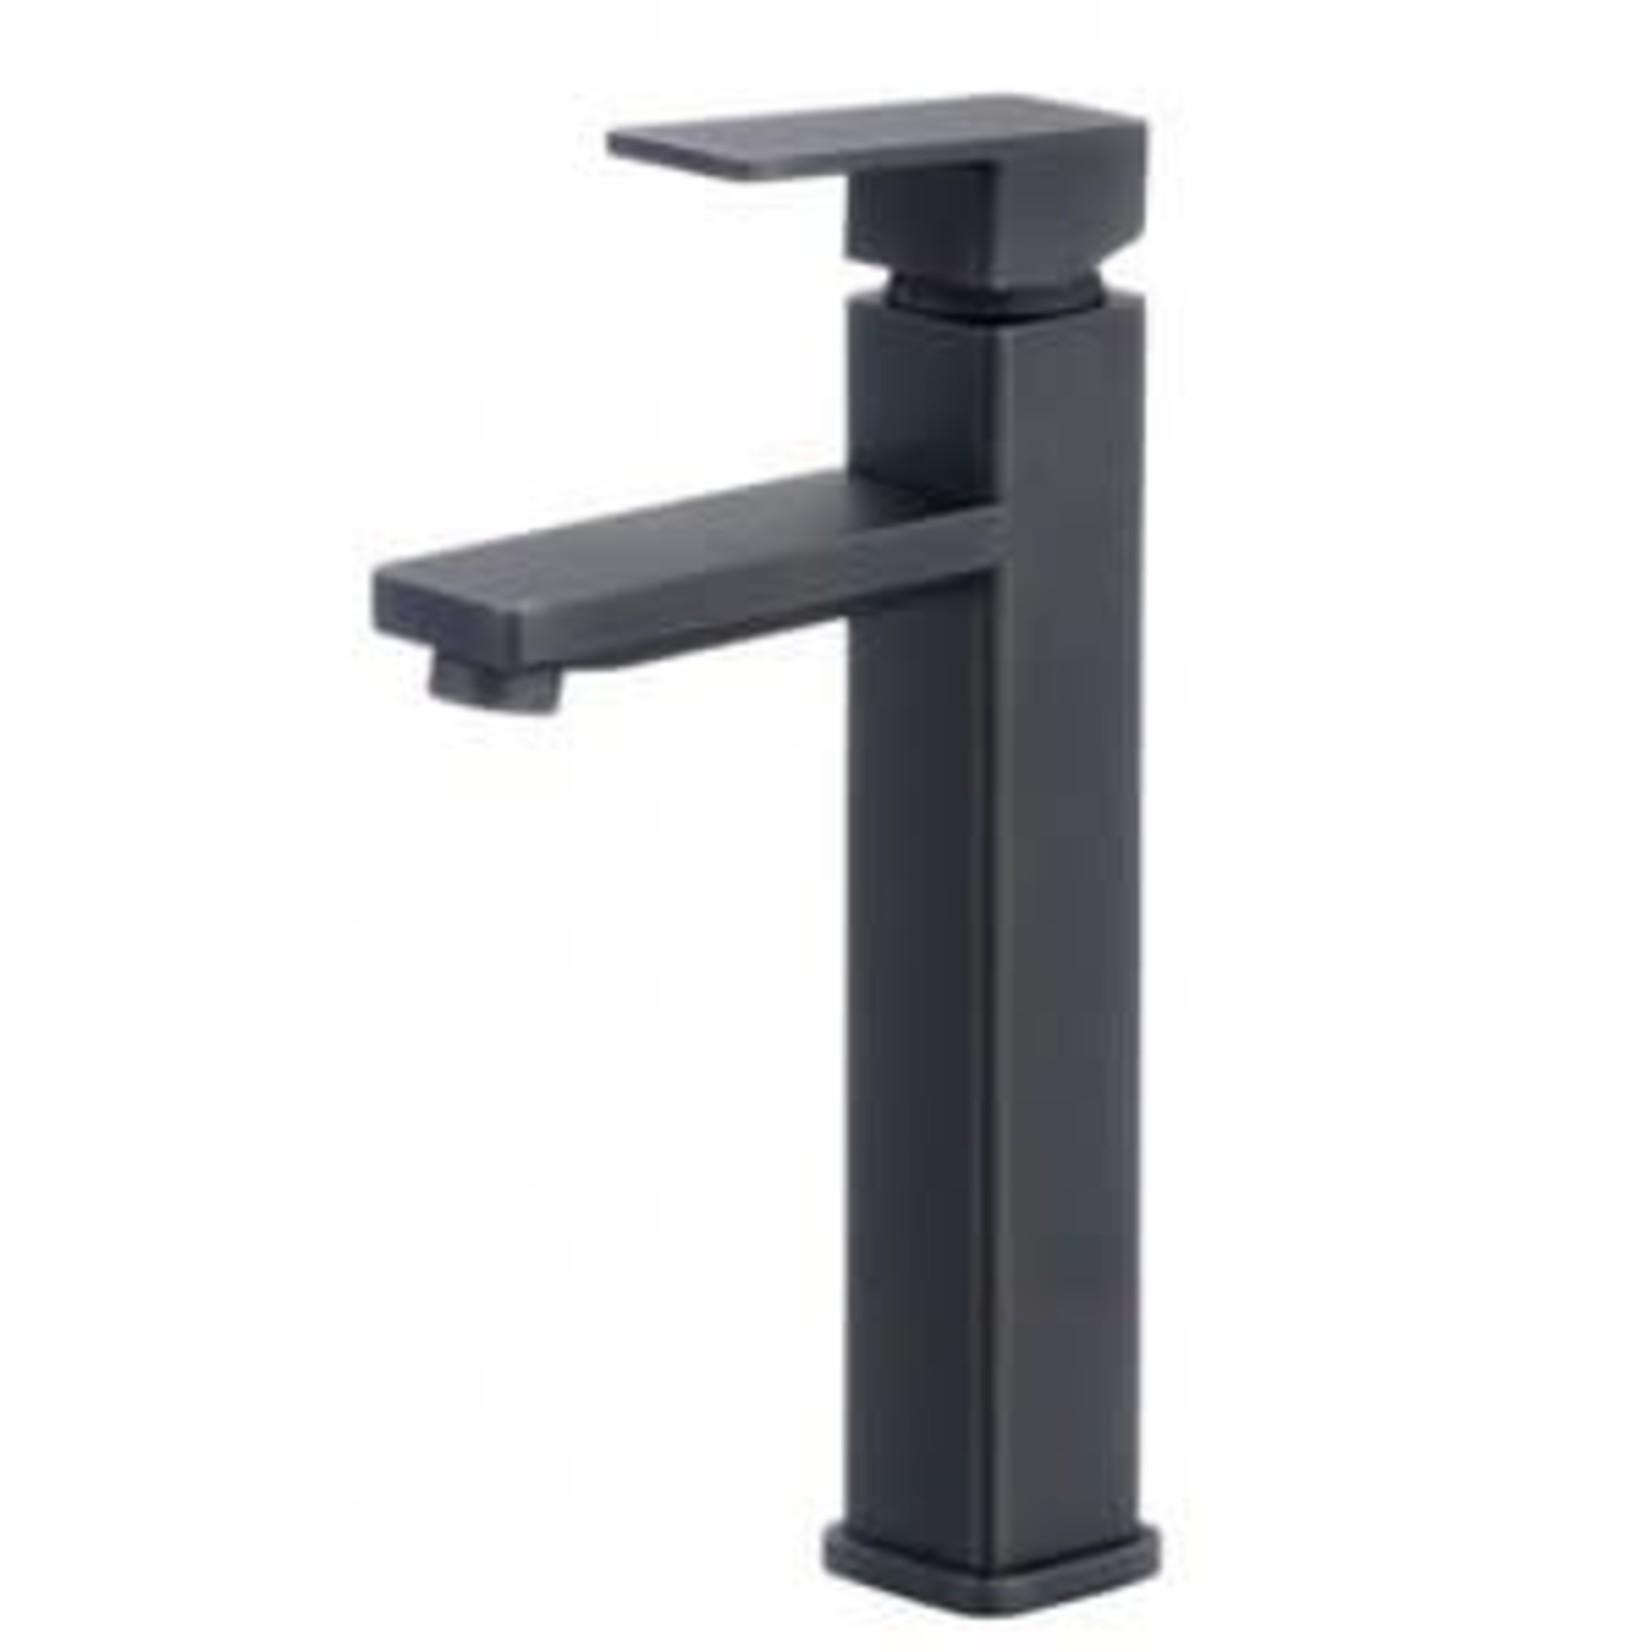 Robinet pour vasque noir mat NRD-B23102-31-MB Nortrends